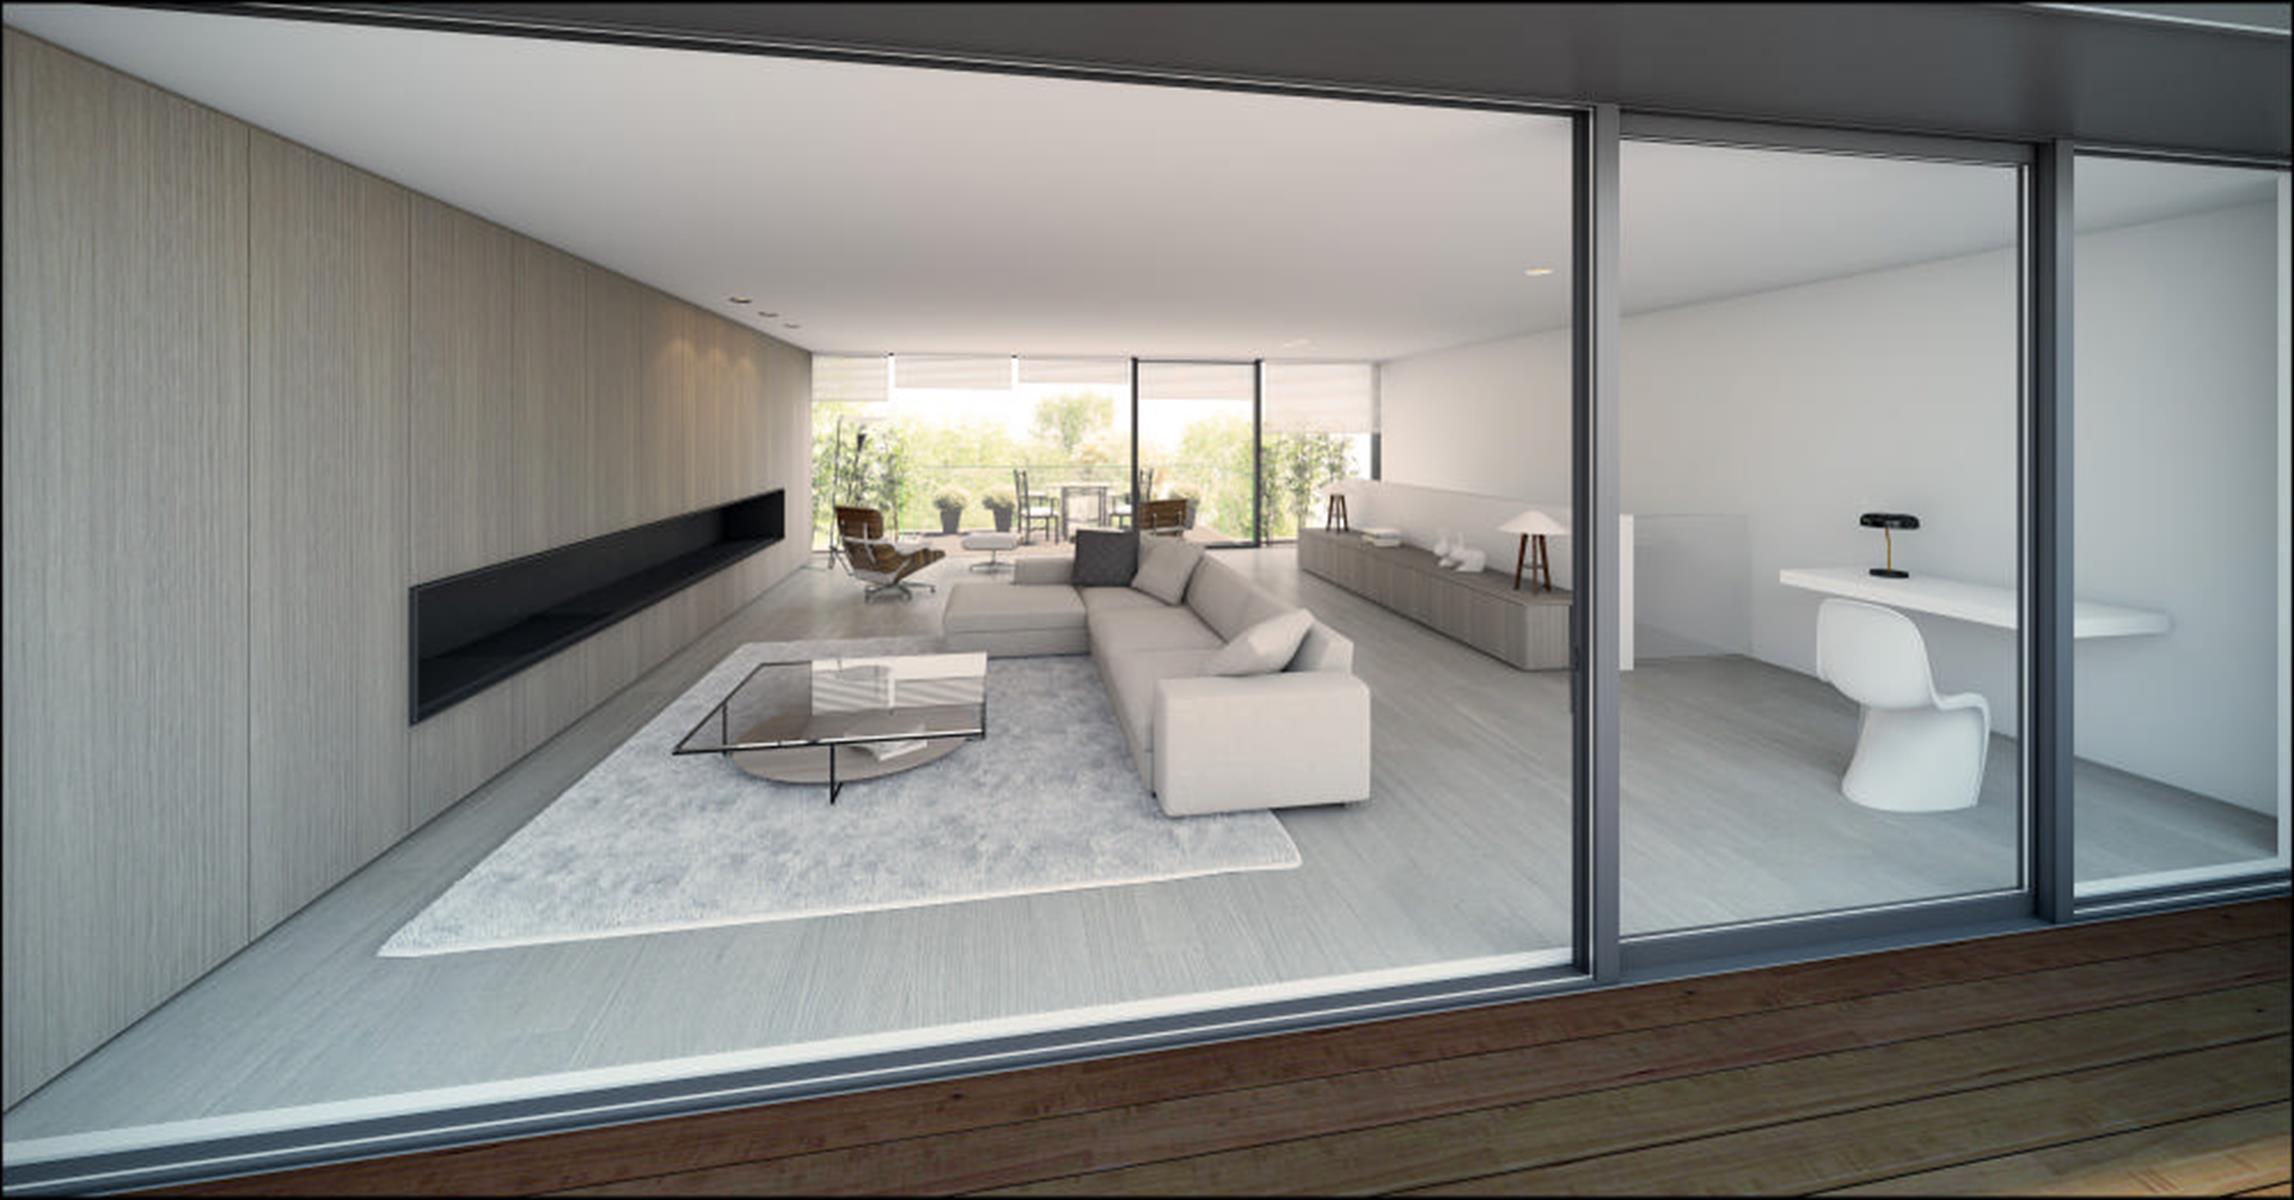 Flat - Ixelles - #3906004-1